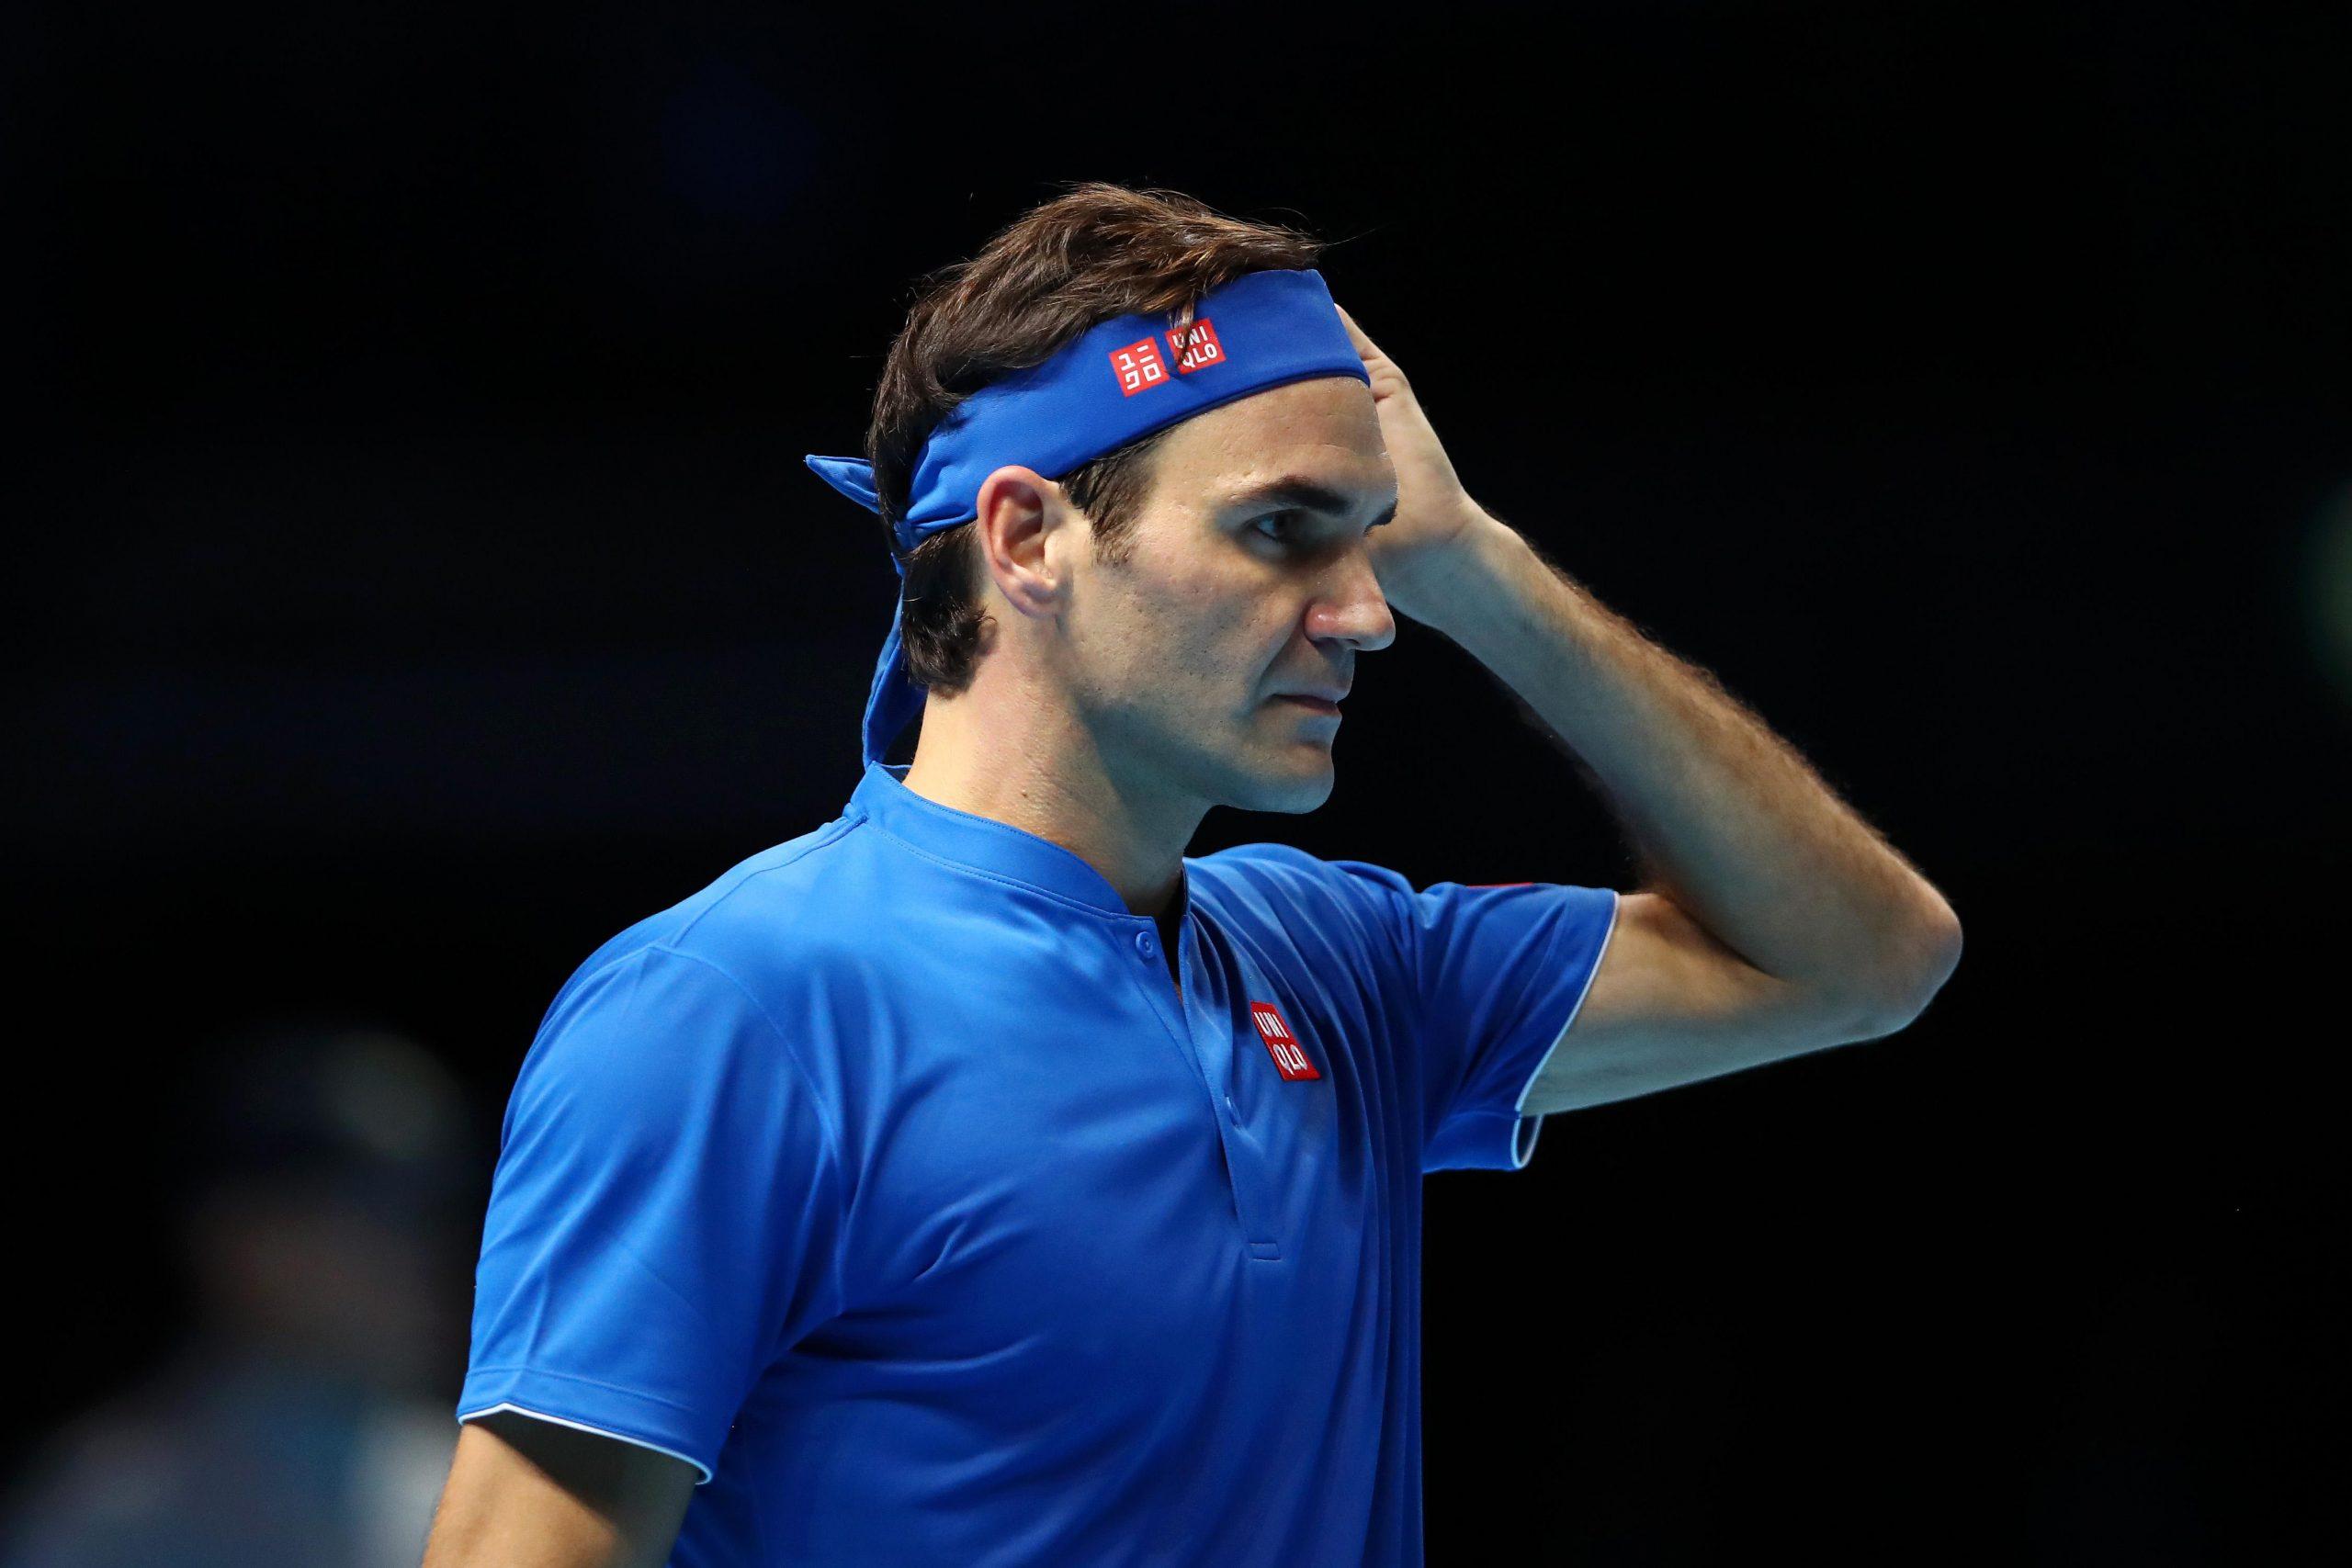 Roger Federer ainda segue bastante motivado e acredita que possa lutar por grandes conquistas nesta sua reta final de carreira